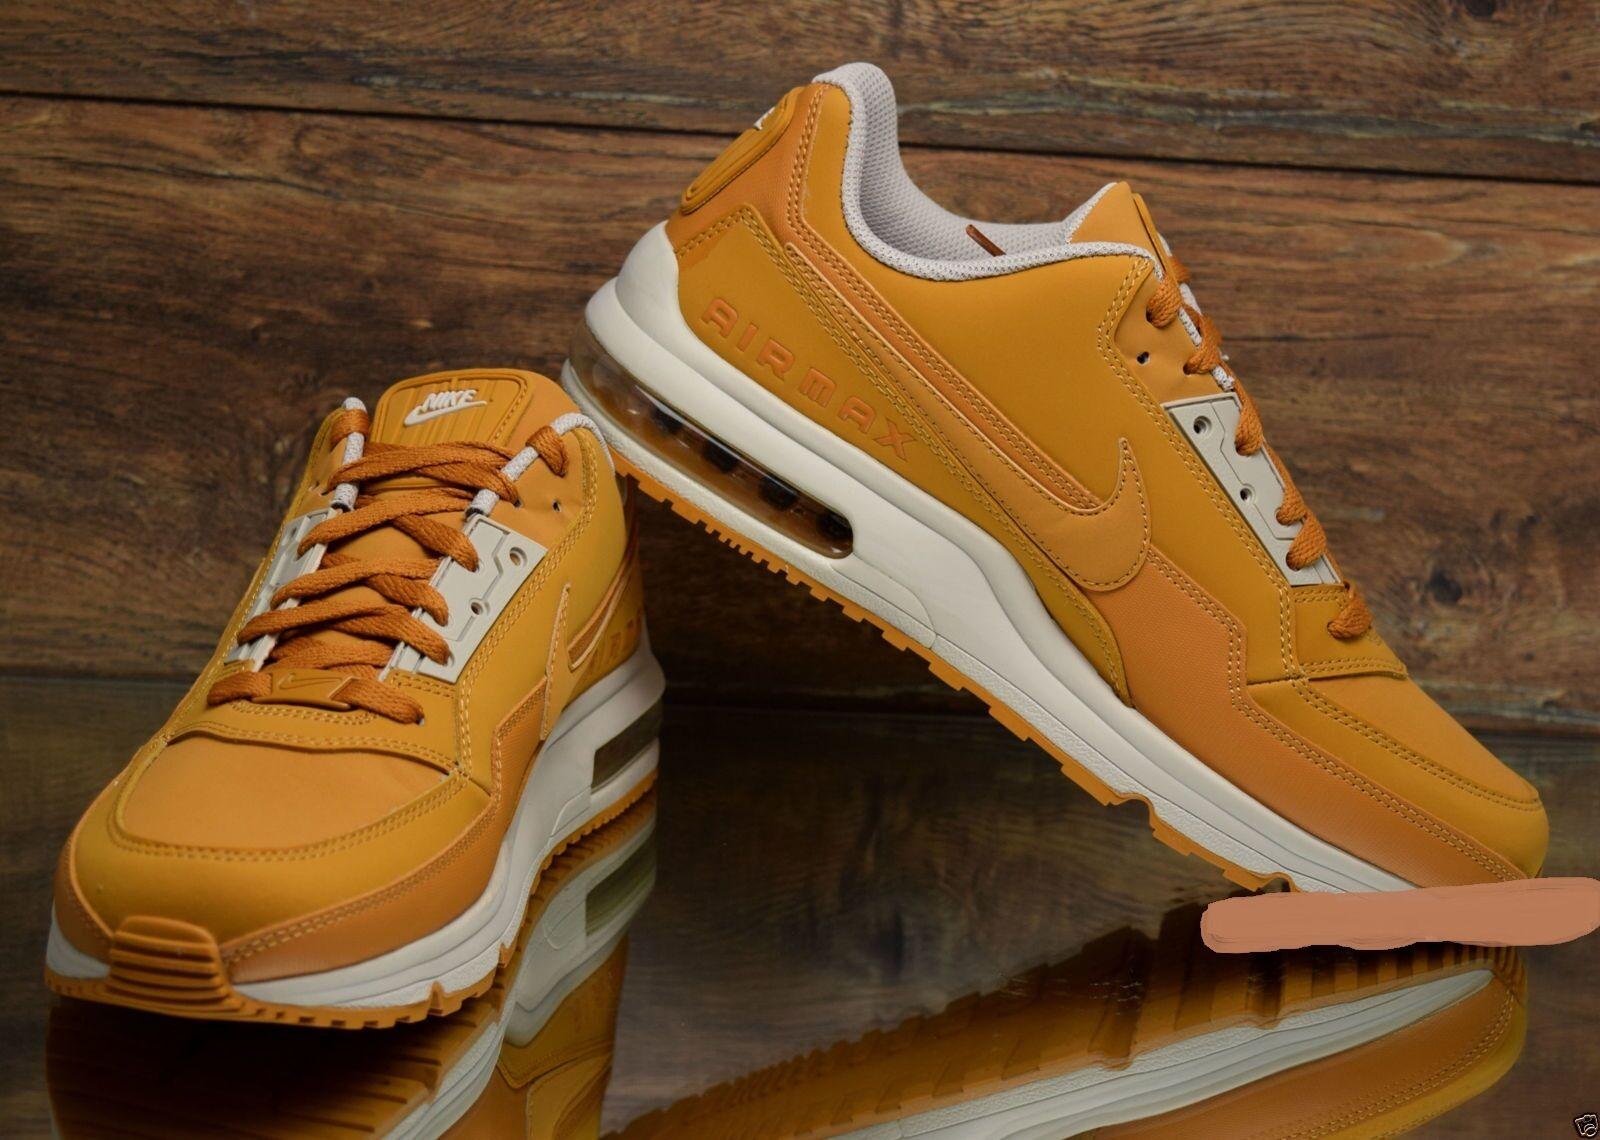 Nike air max ltd 3 bronze minerale 687977-700 di ferro 687977-700 minerale Uomo sz 11,5 5bbe2c